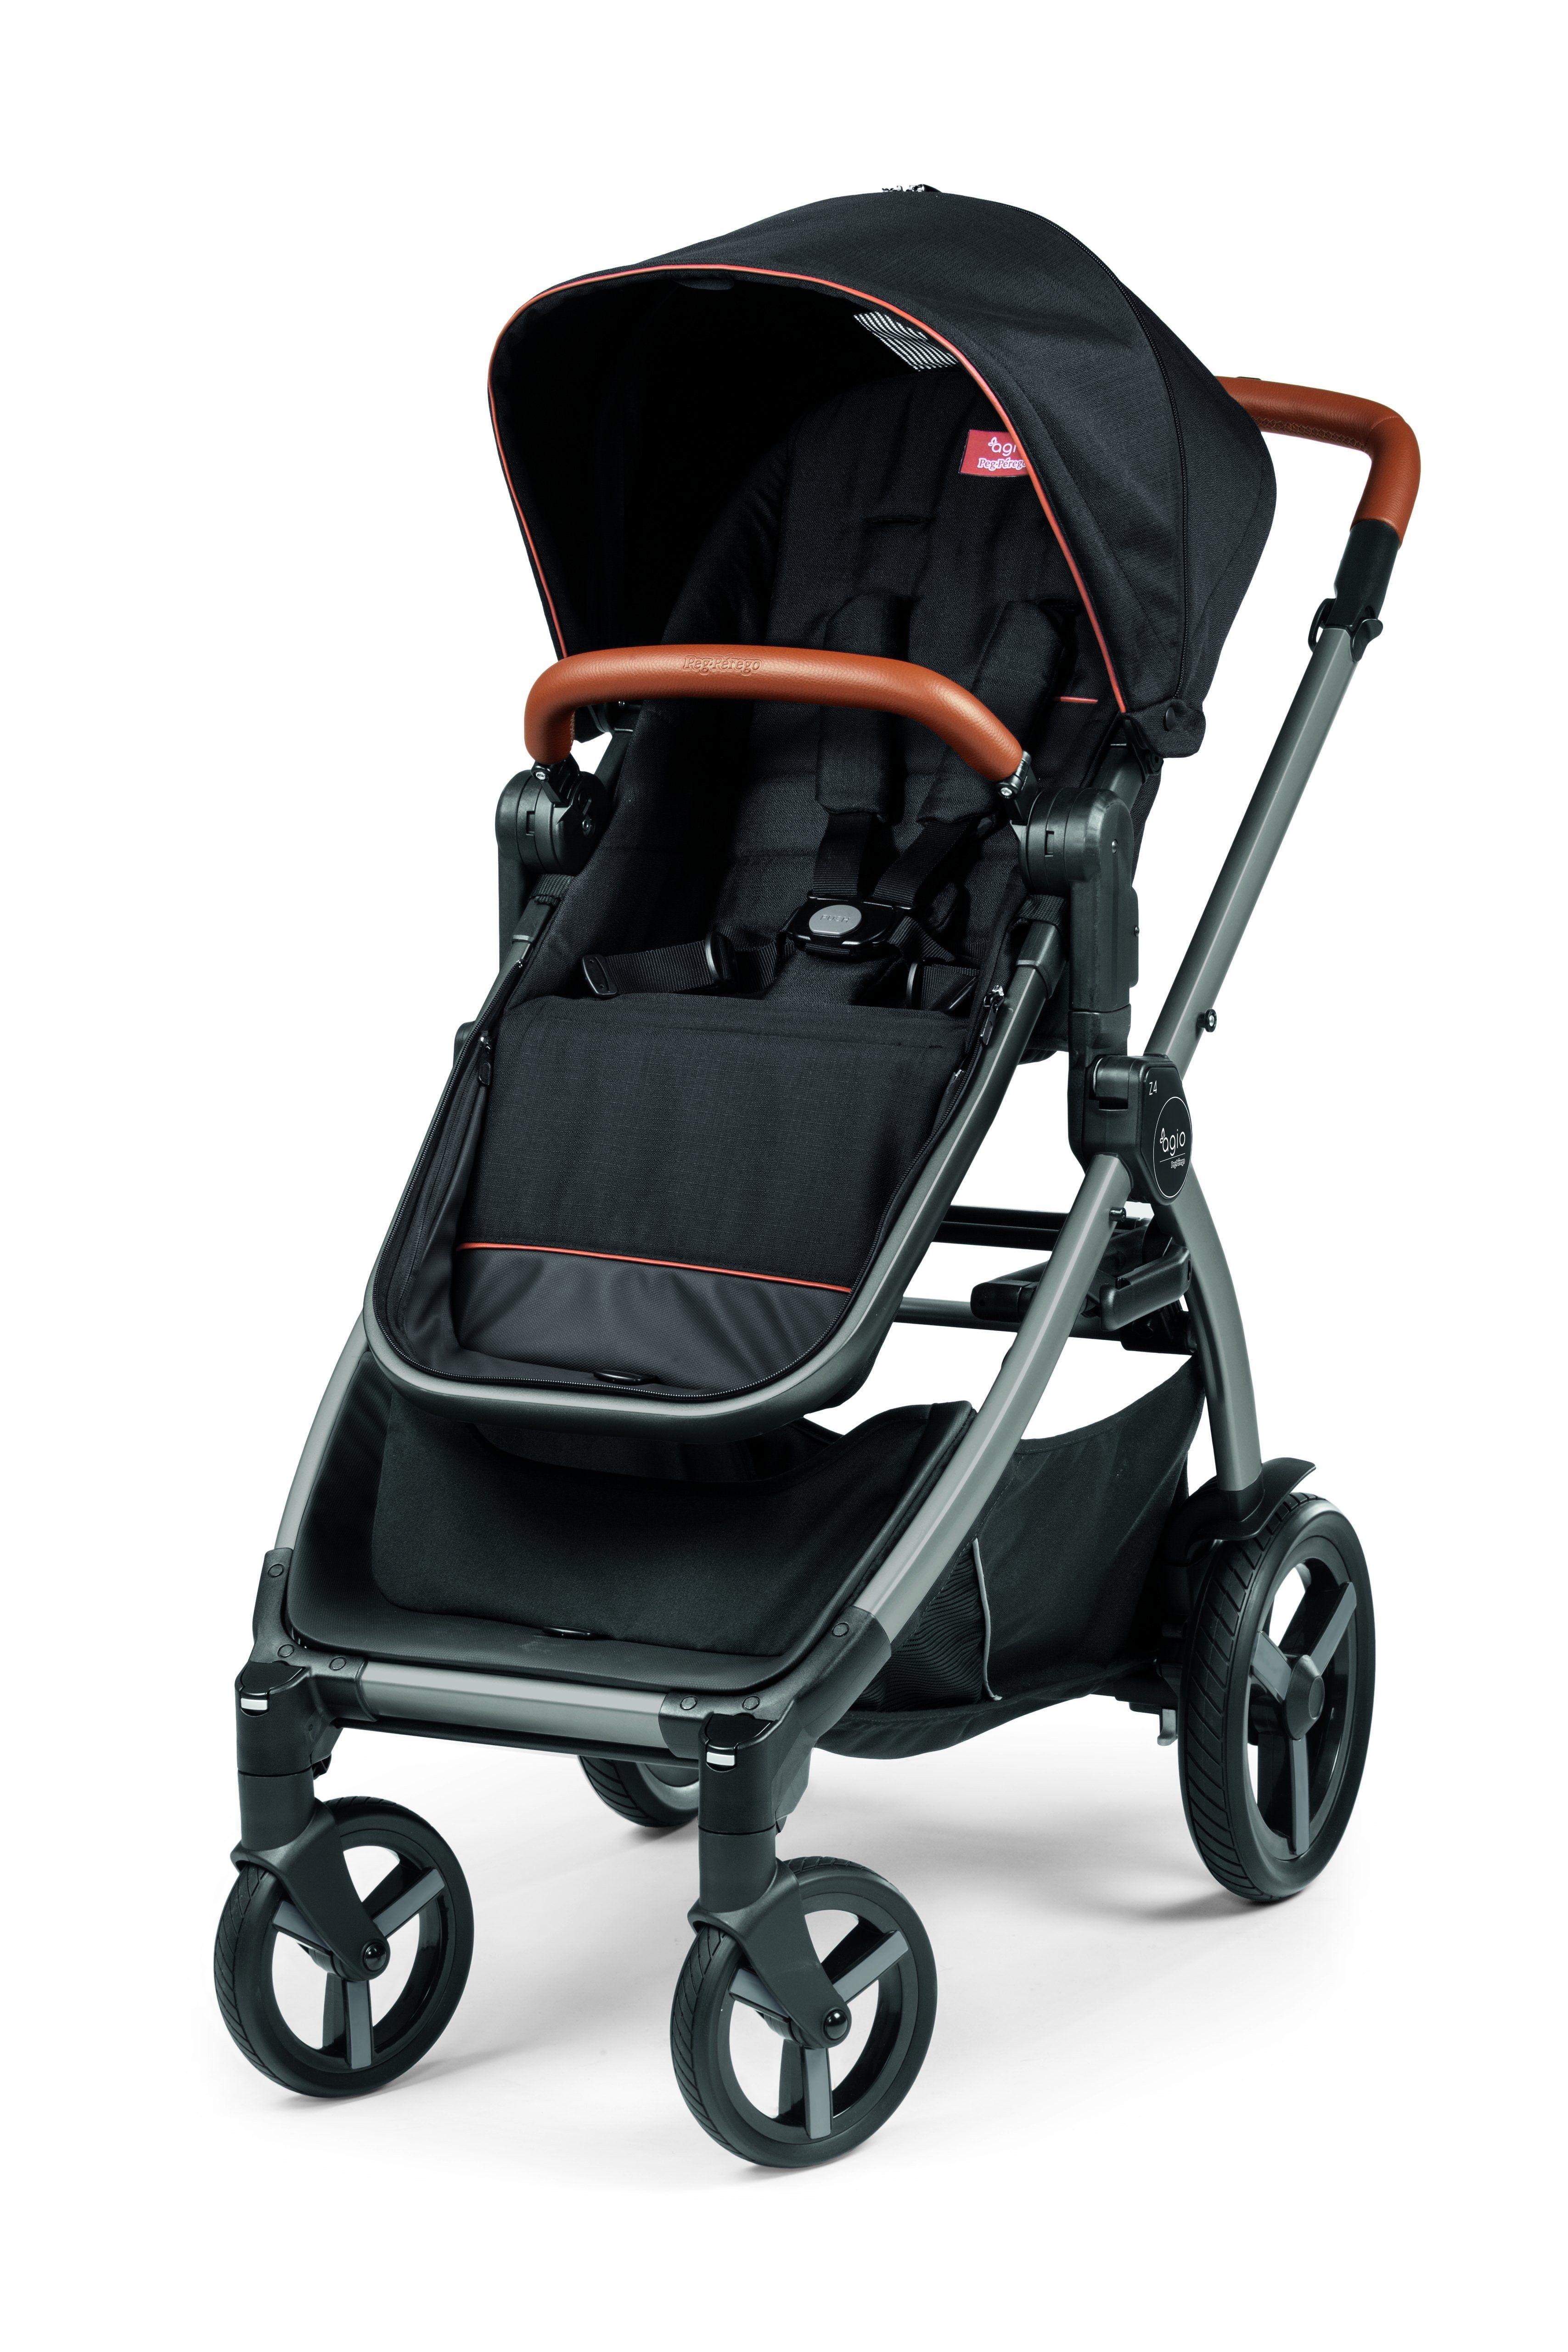 Agio Z4 Stroller by PegPerego Peg perego, Baby car